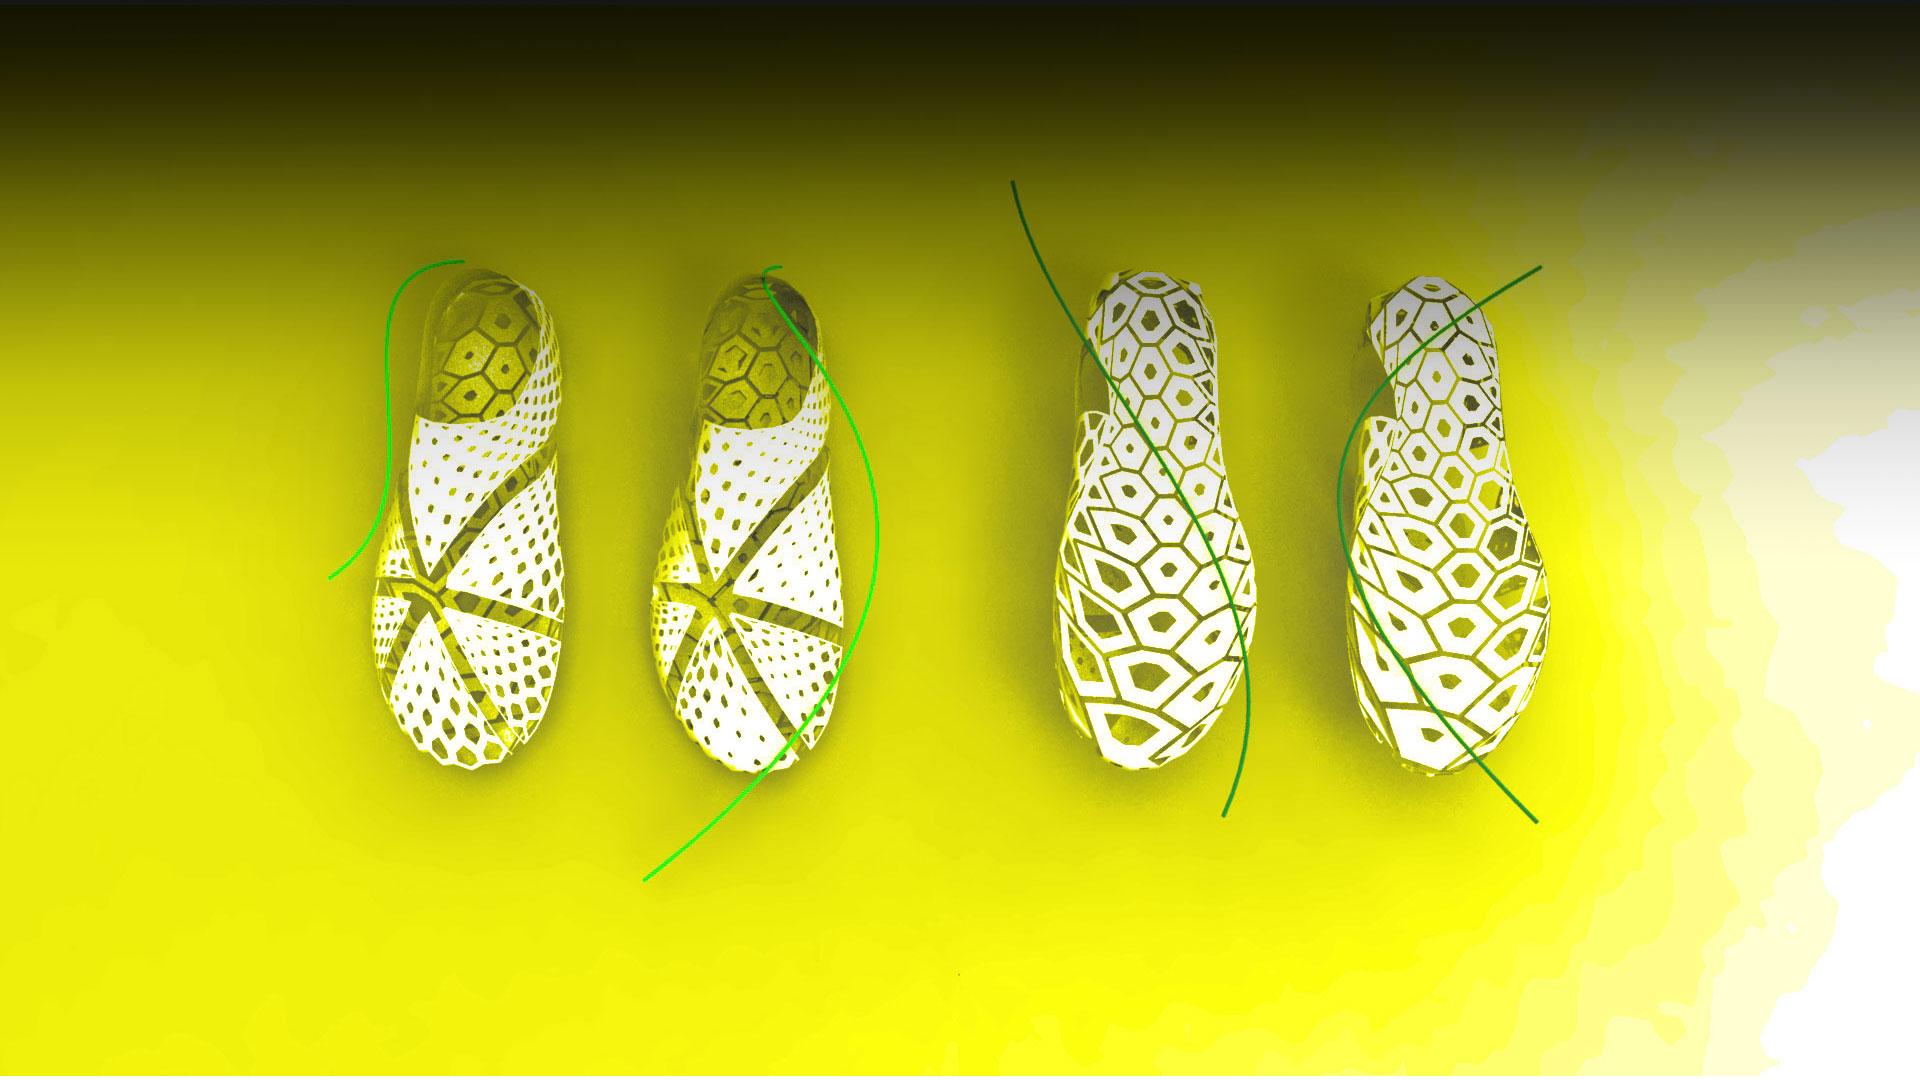 zapatos moda parametrica generativa rhino3d grasshopper3d cursos master formacion diplomado barcelona españa internships